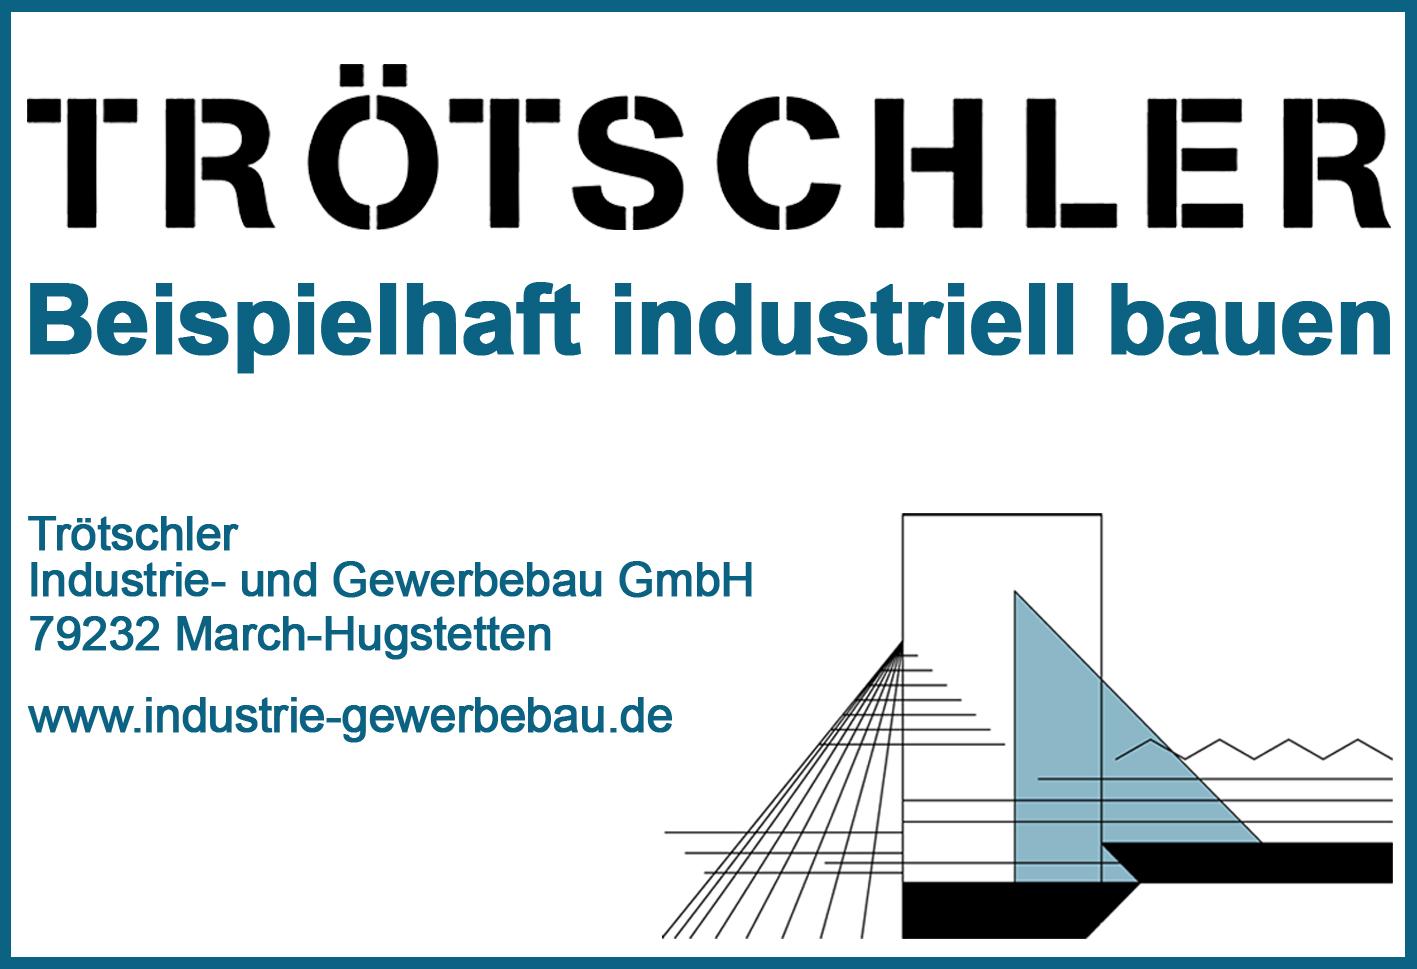 Trötschler Industrie- und Gewerbebau GmbH in March